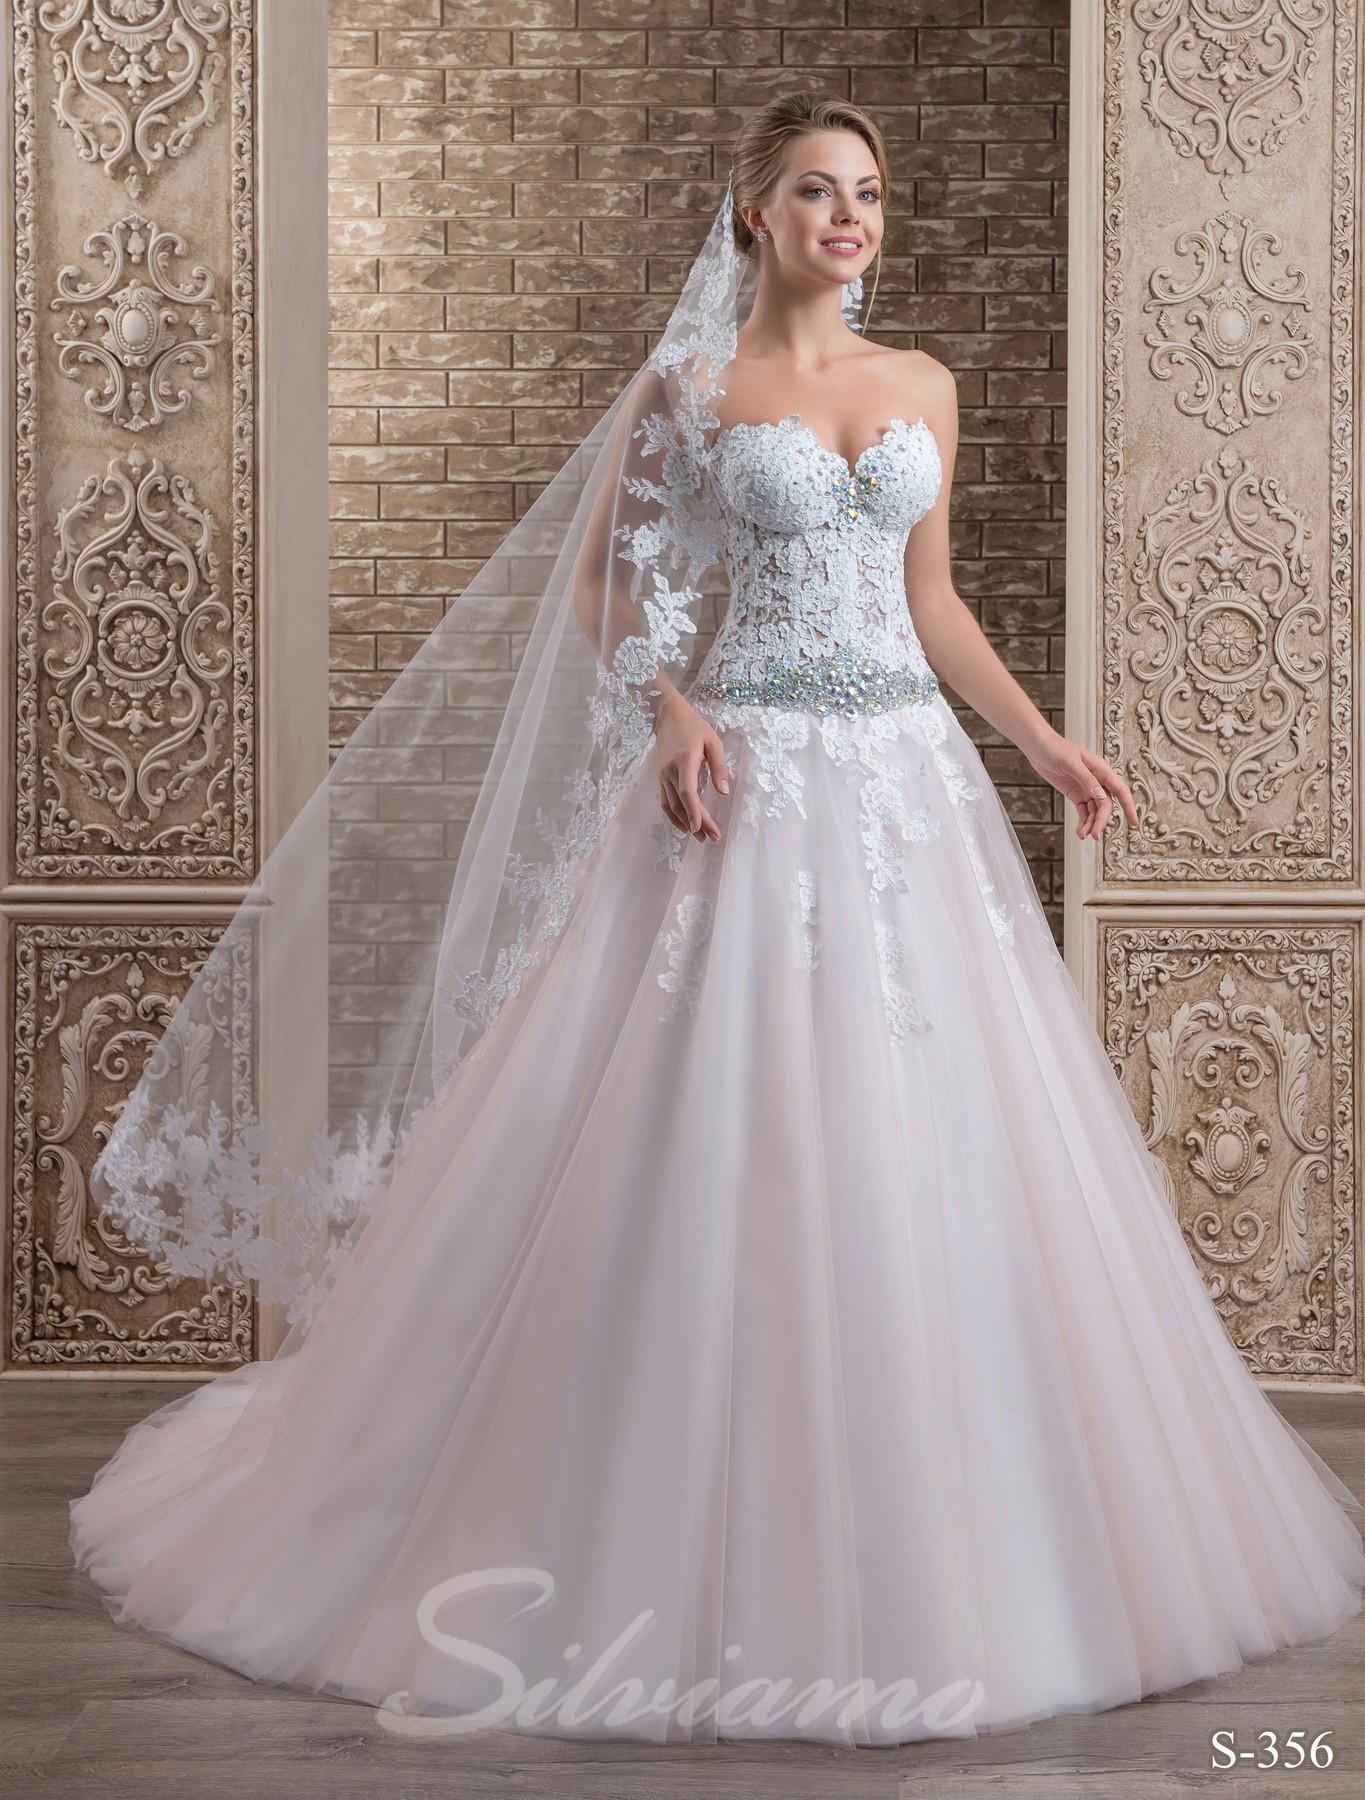 Сучасні весільні сукні  один фасон різні образи 30a4c88a3e370